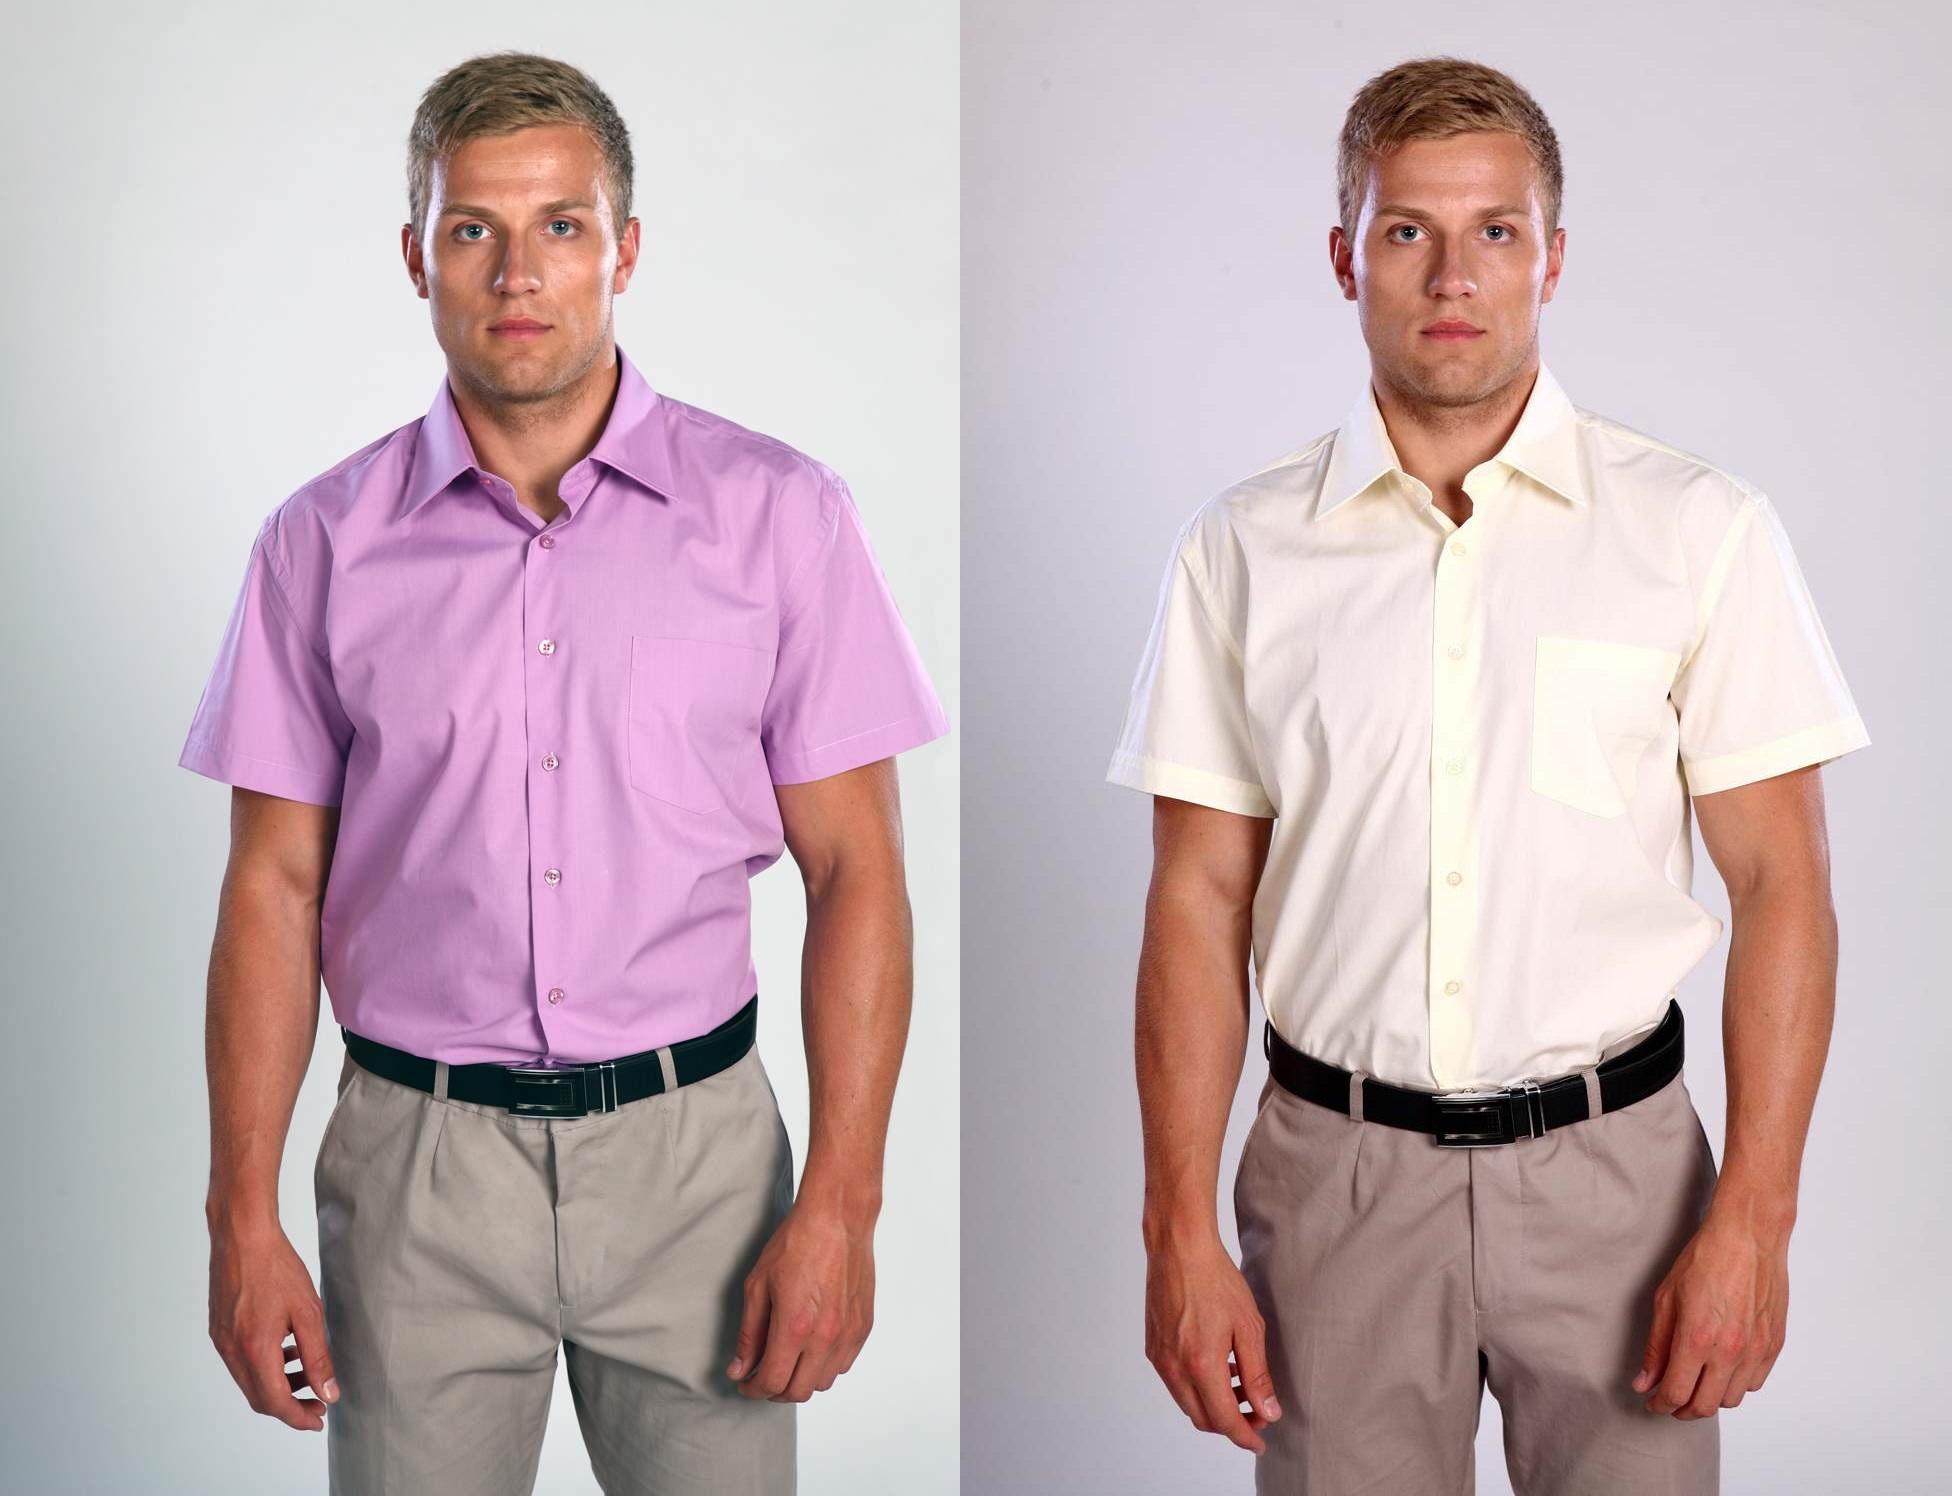 СУПЕР предложение!!! Сорочки короткий рукав за 400 и 450 руб.